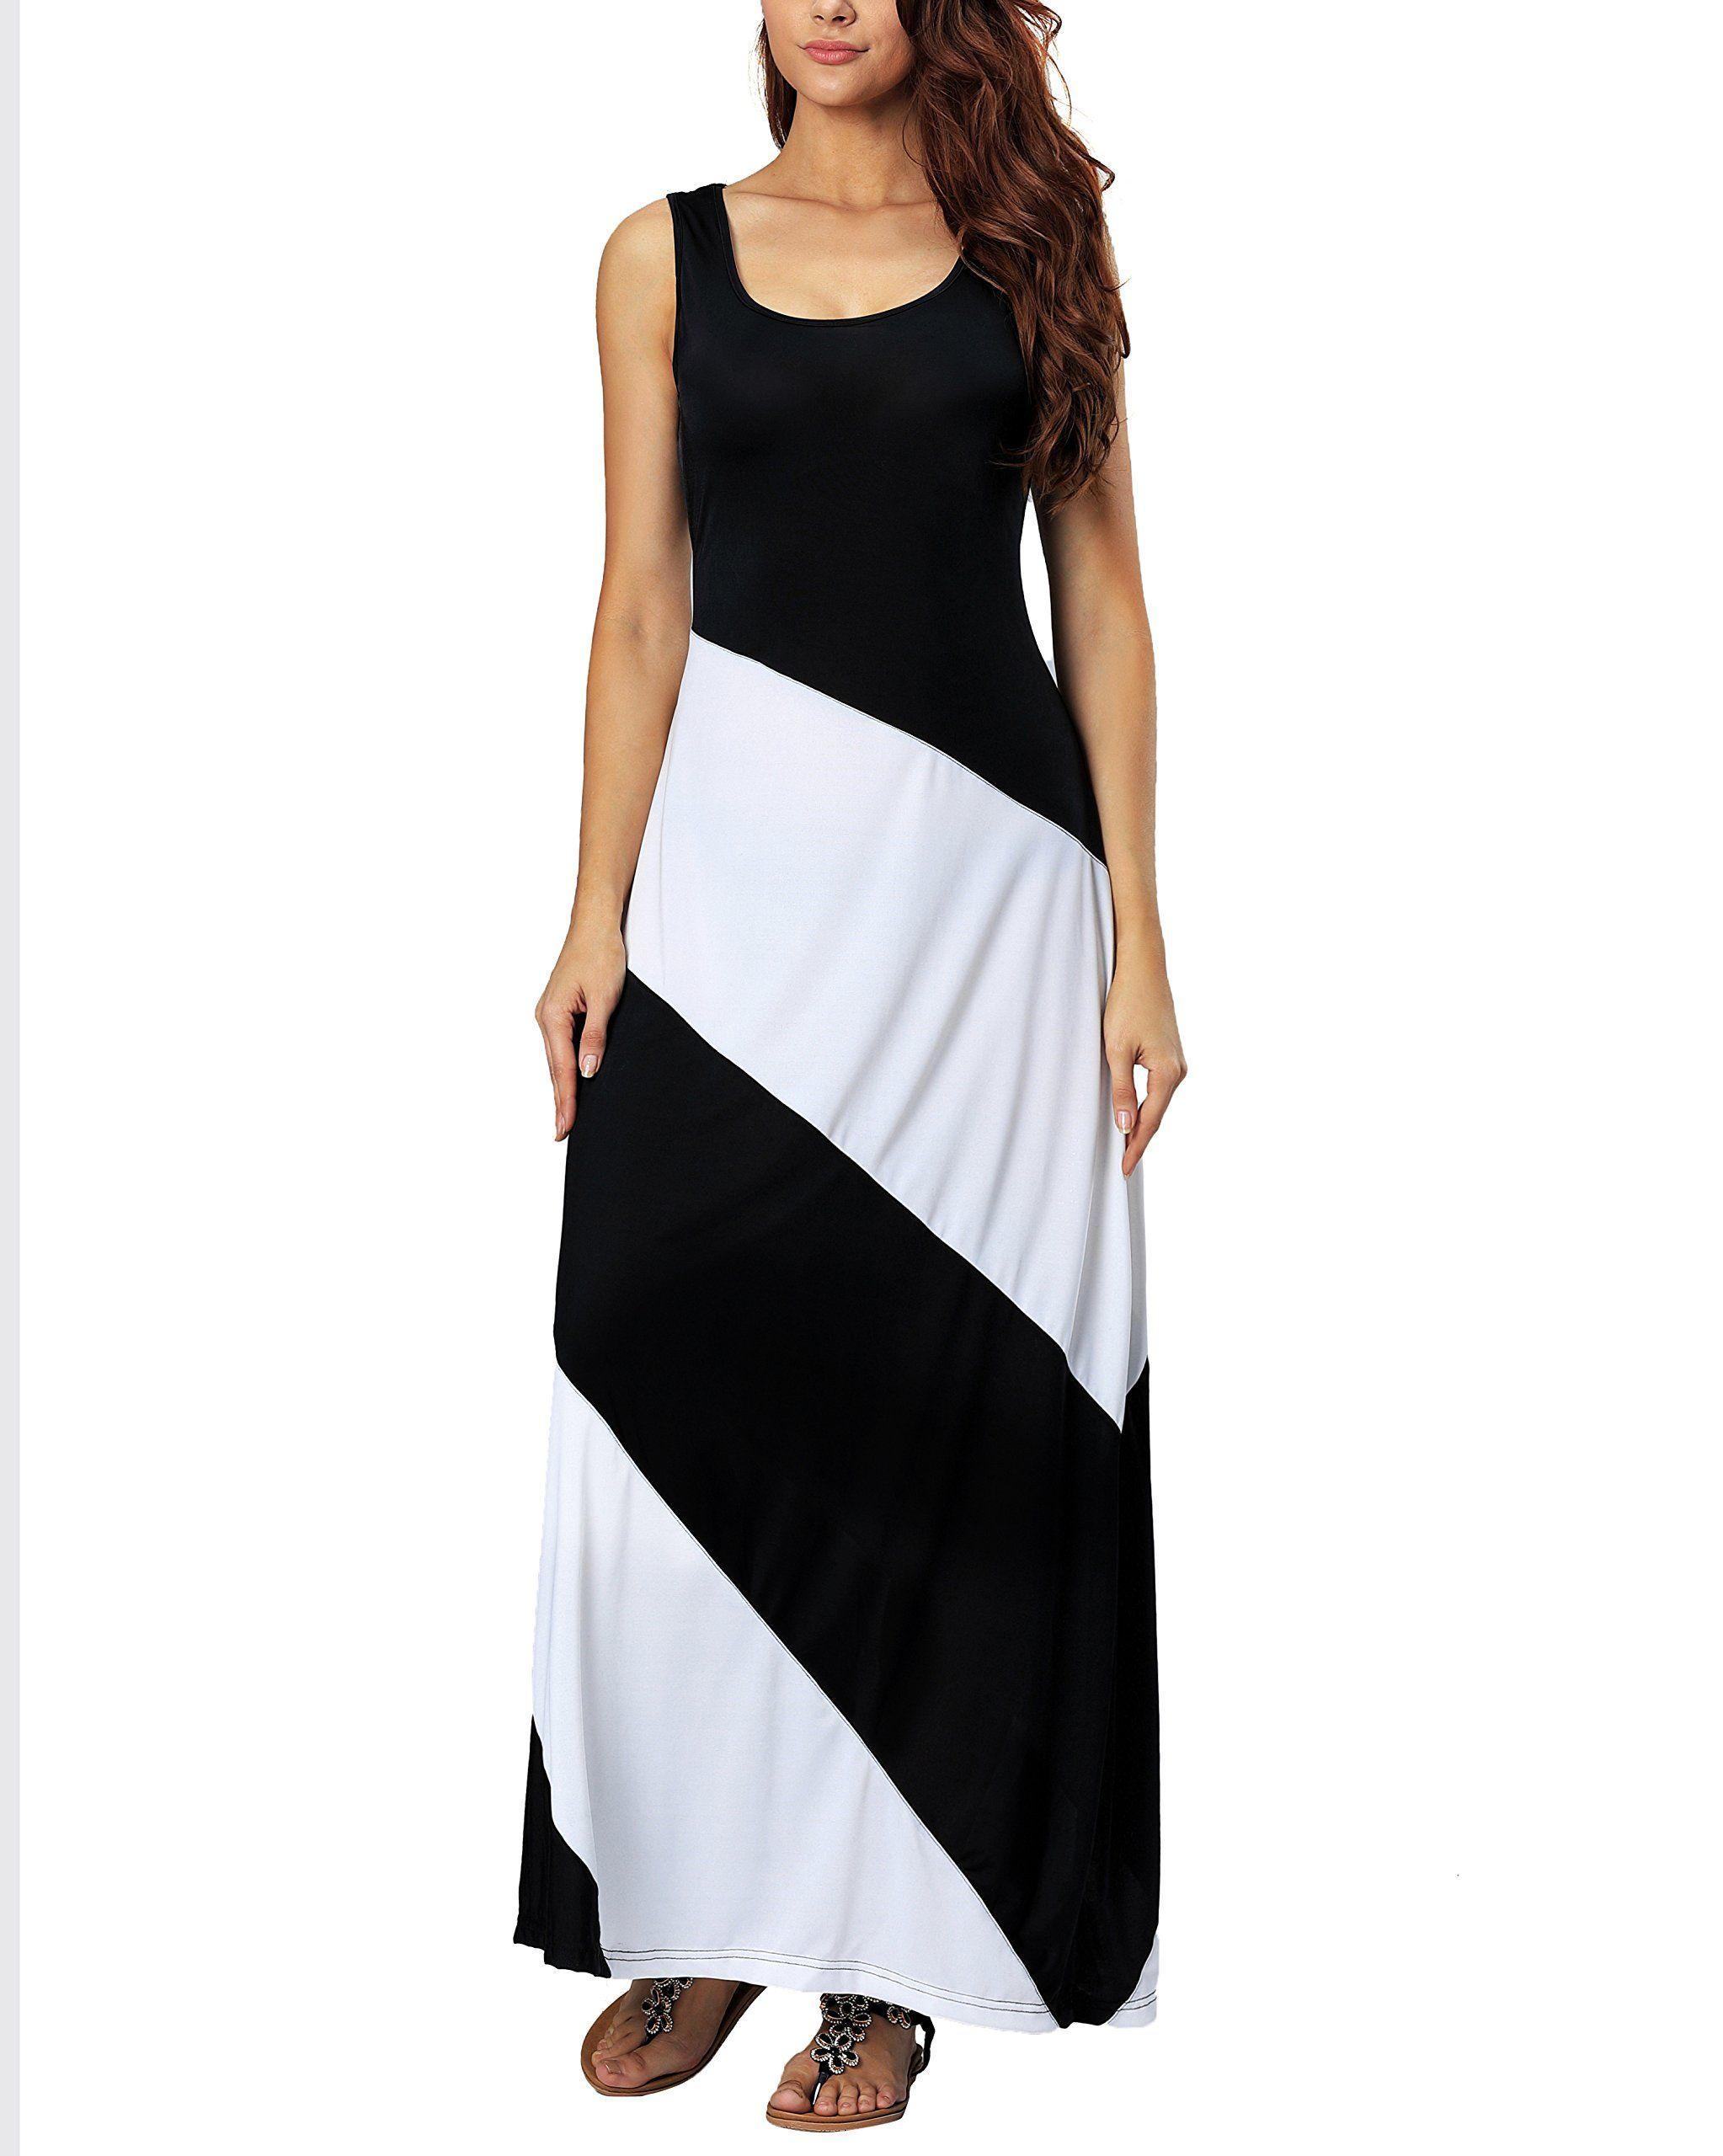 Aofur Summer Women Casual Striped Sleeveless Beach Maxi Dress Plus Size Evening Long Skirt Xxxl Plus Size Summer Dresses Maxi Dresses Casual Maxi Dress Wedding [ 2560 x 2046 Pixel ]